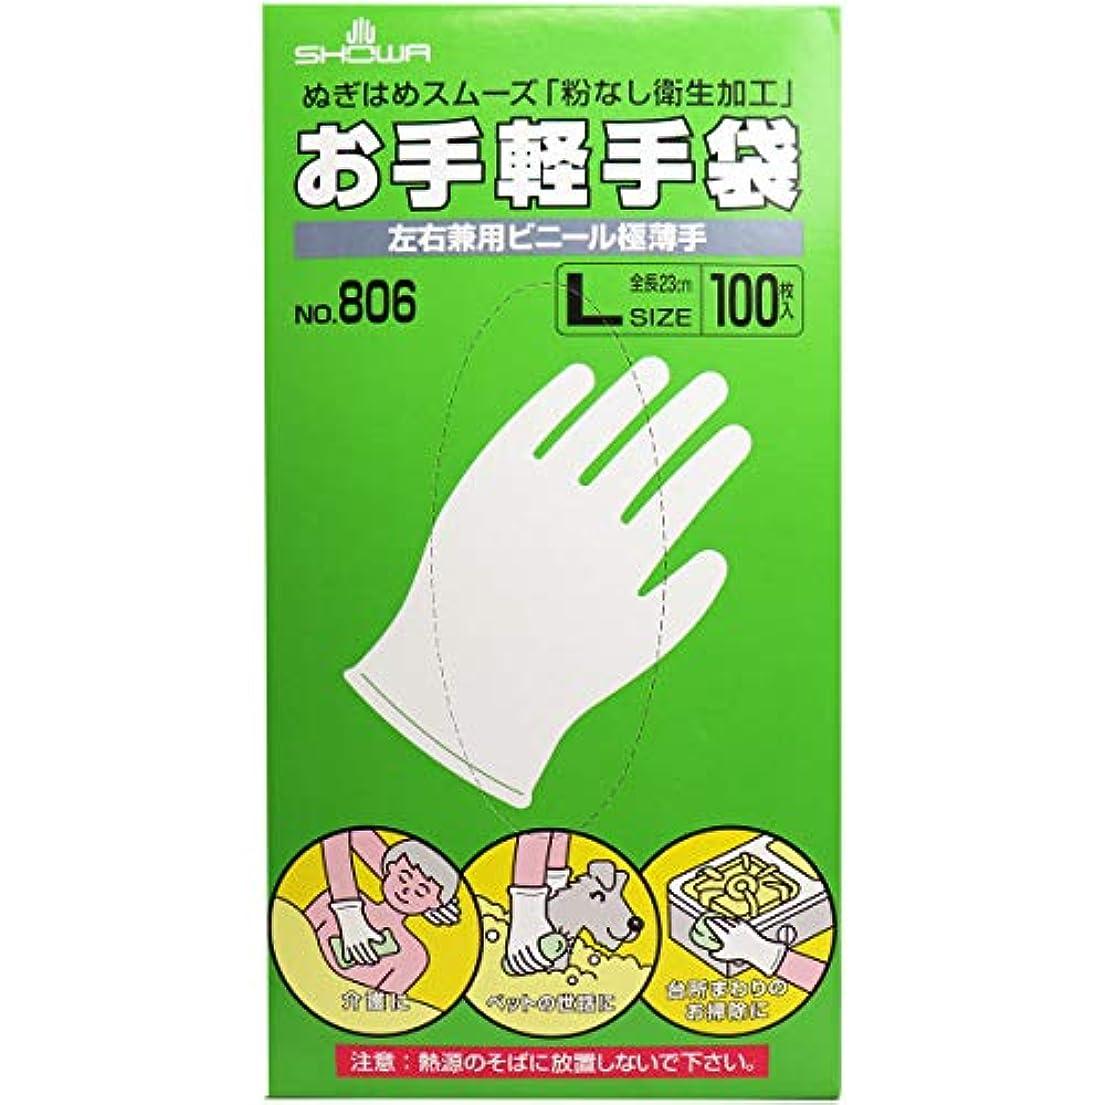 傷つける小屋野ウサギお手軽手袋 No.806 左右兼用ビニール極薄手 粉なし Lサイズ 100枚入×10個セット